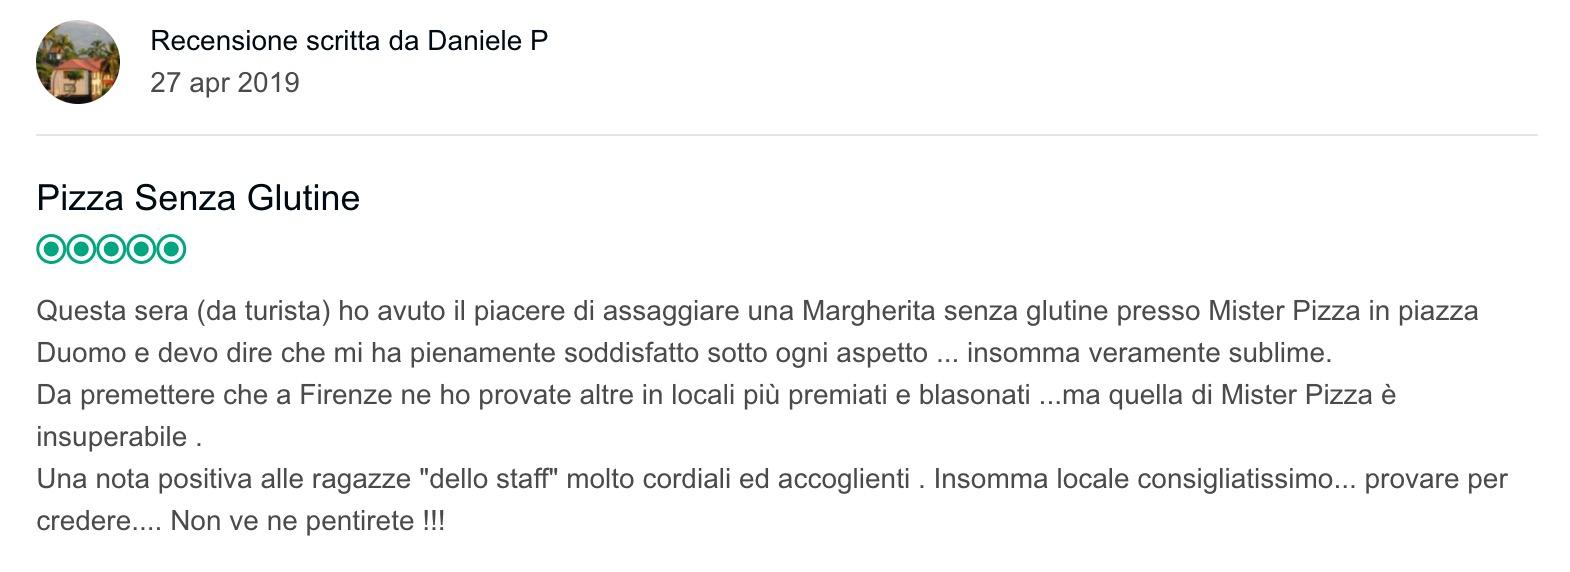 recensione_eccezionale_pizza_senza_glutine